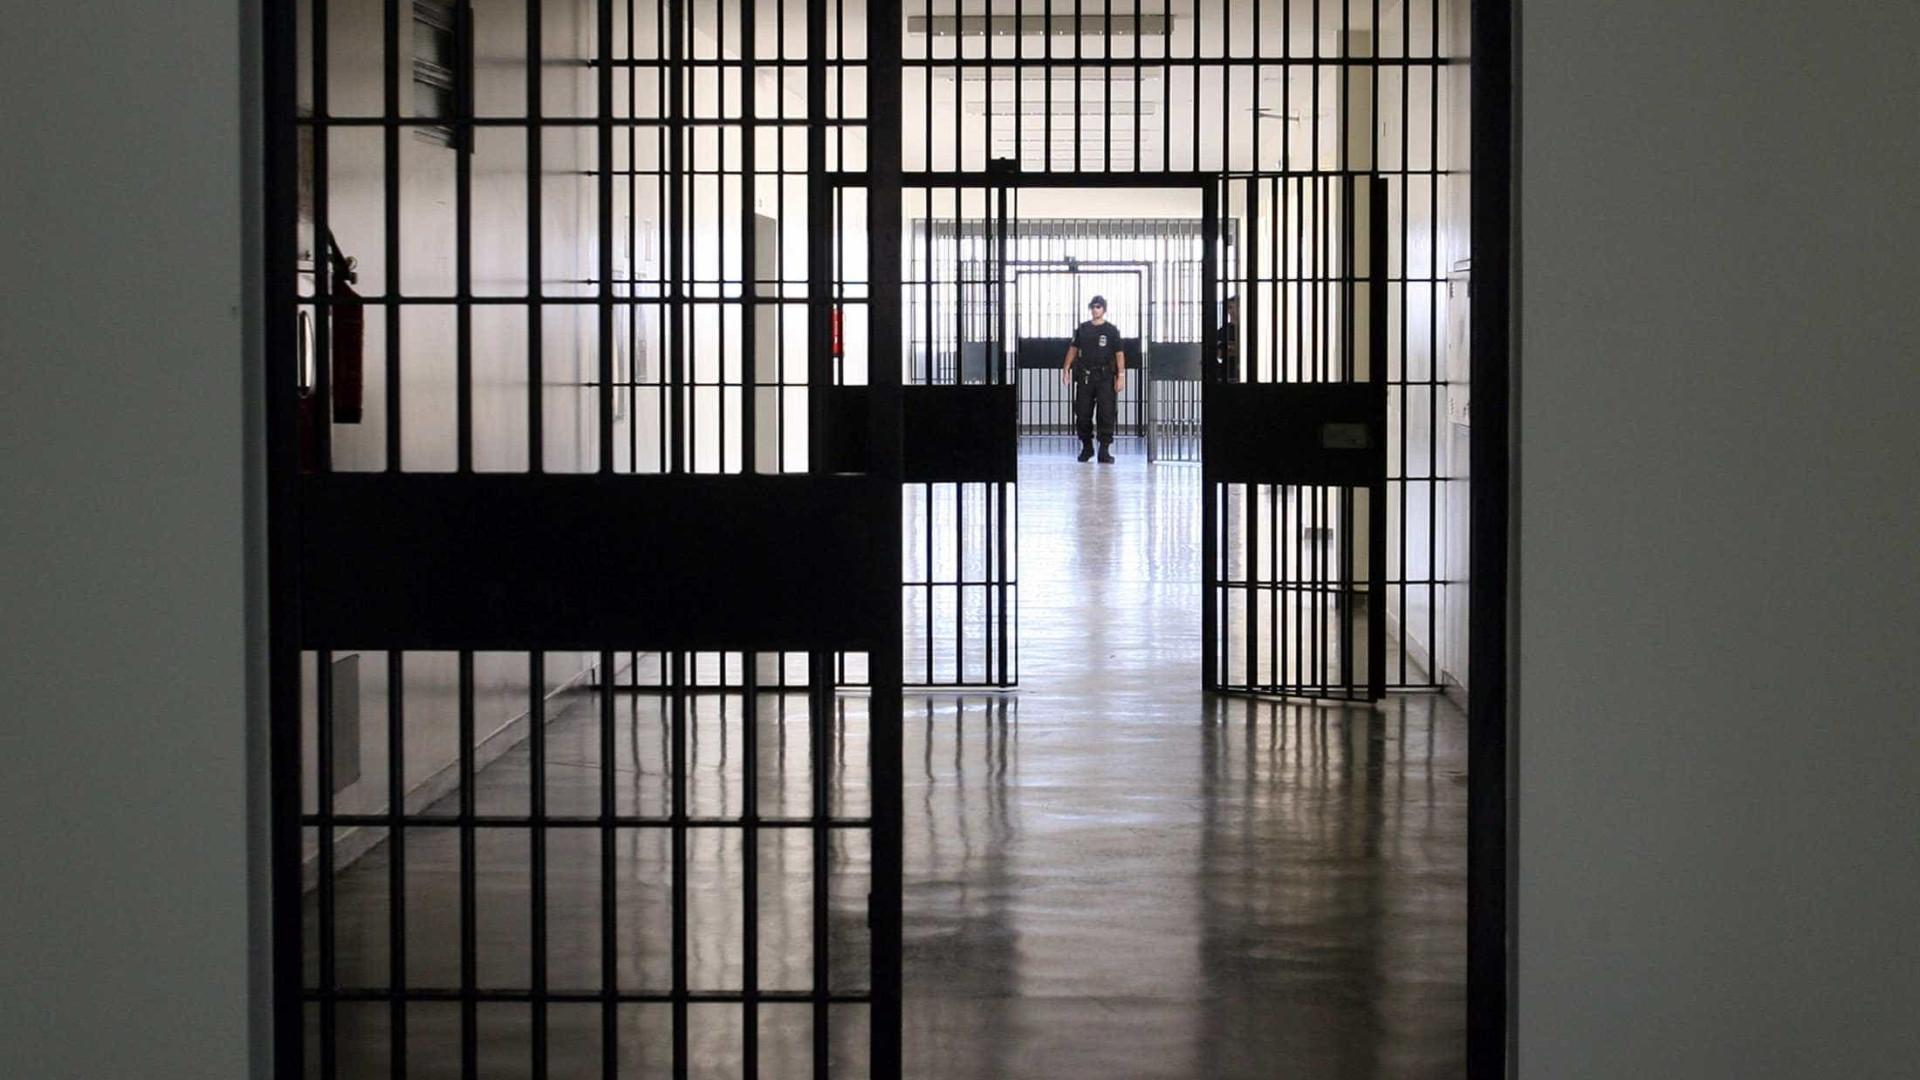 Justiça mantém preso acusado de matar ex-namorada na Austrália